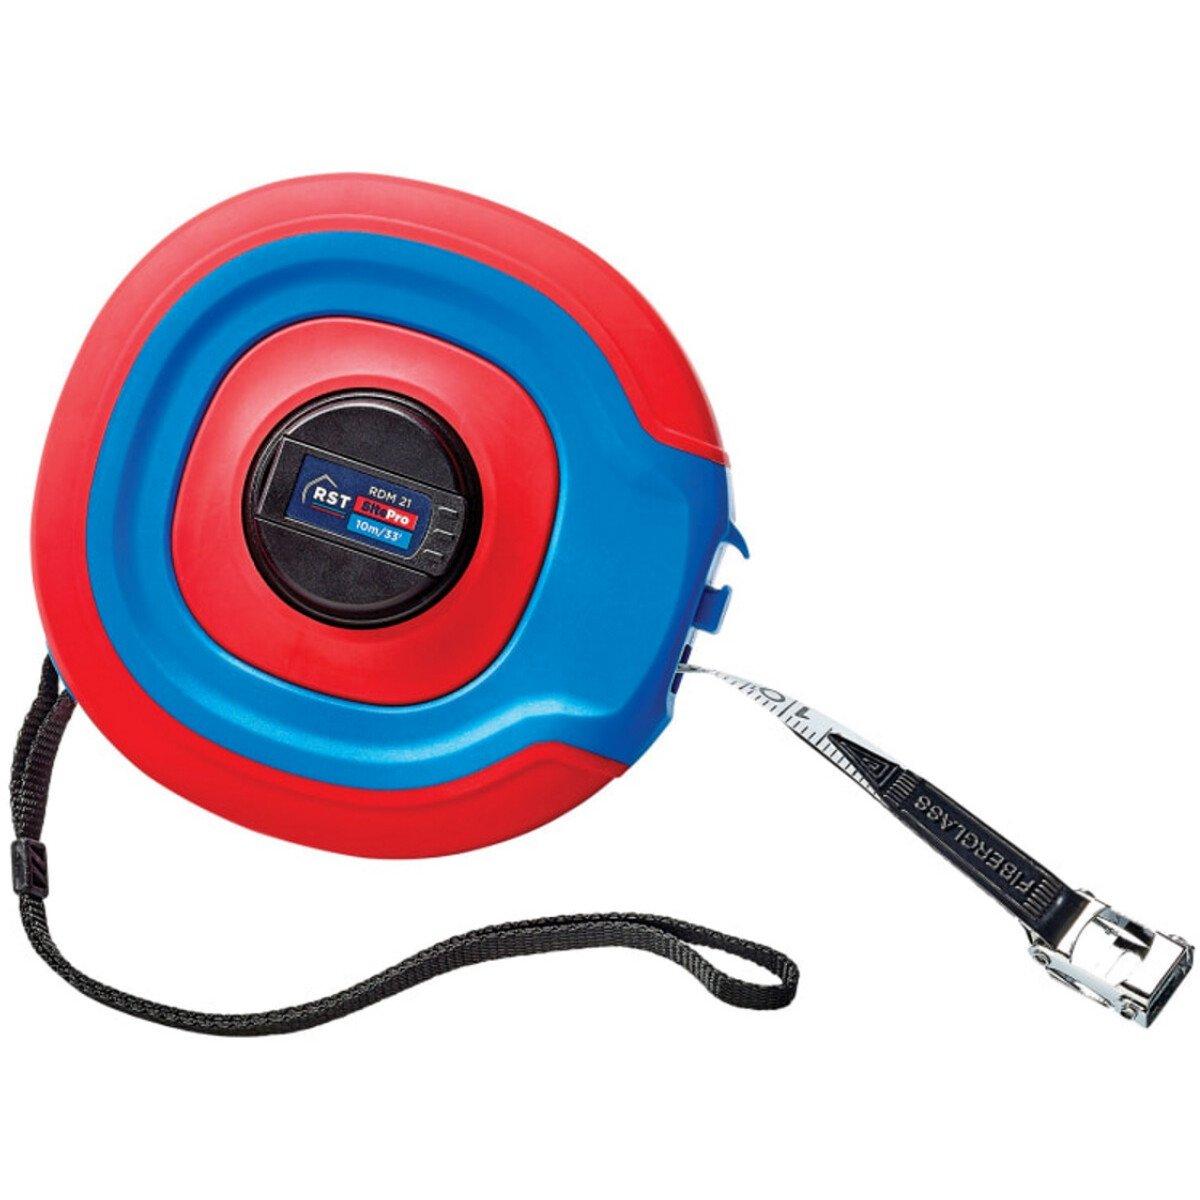 RST RDM21 SitePro Fibreglass Tape 10m/33ft (Width 13mm) RSTRDM21